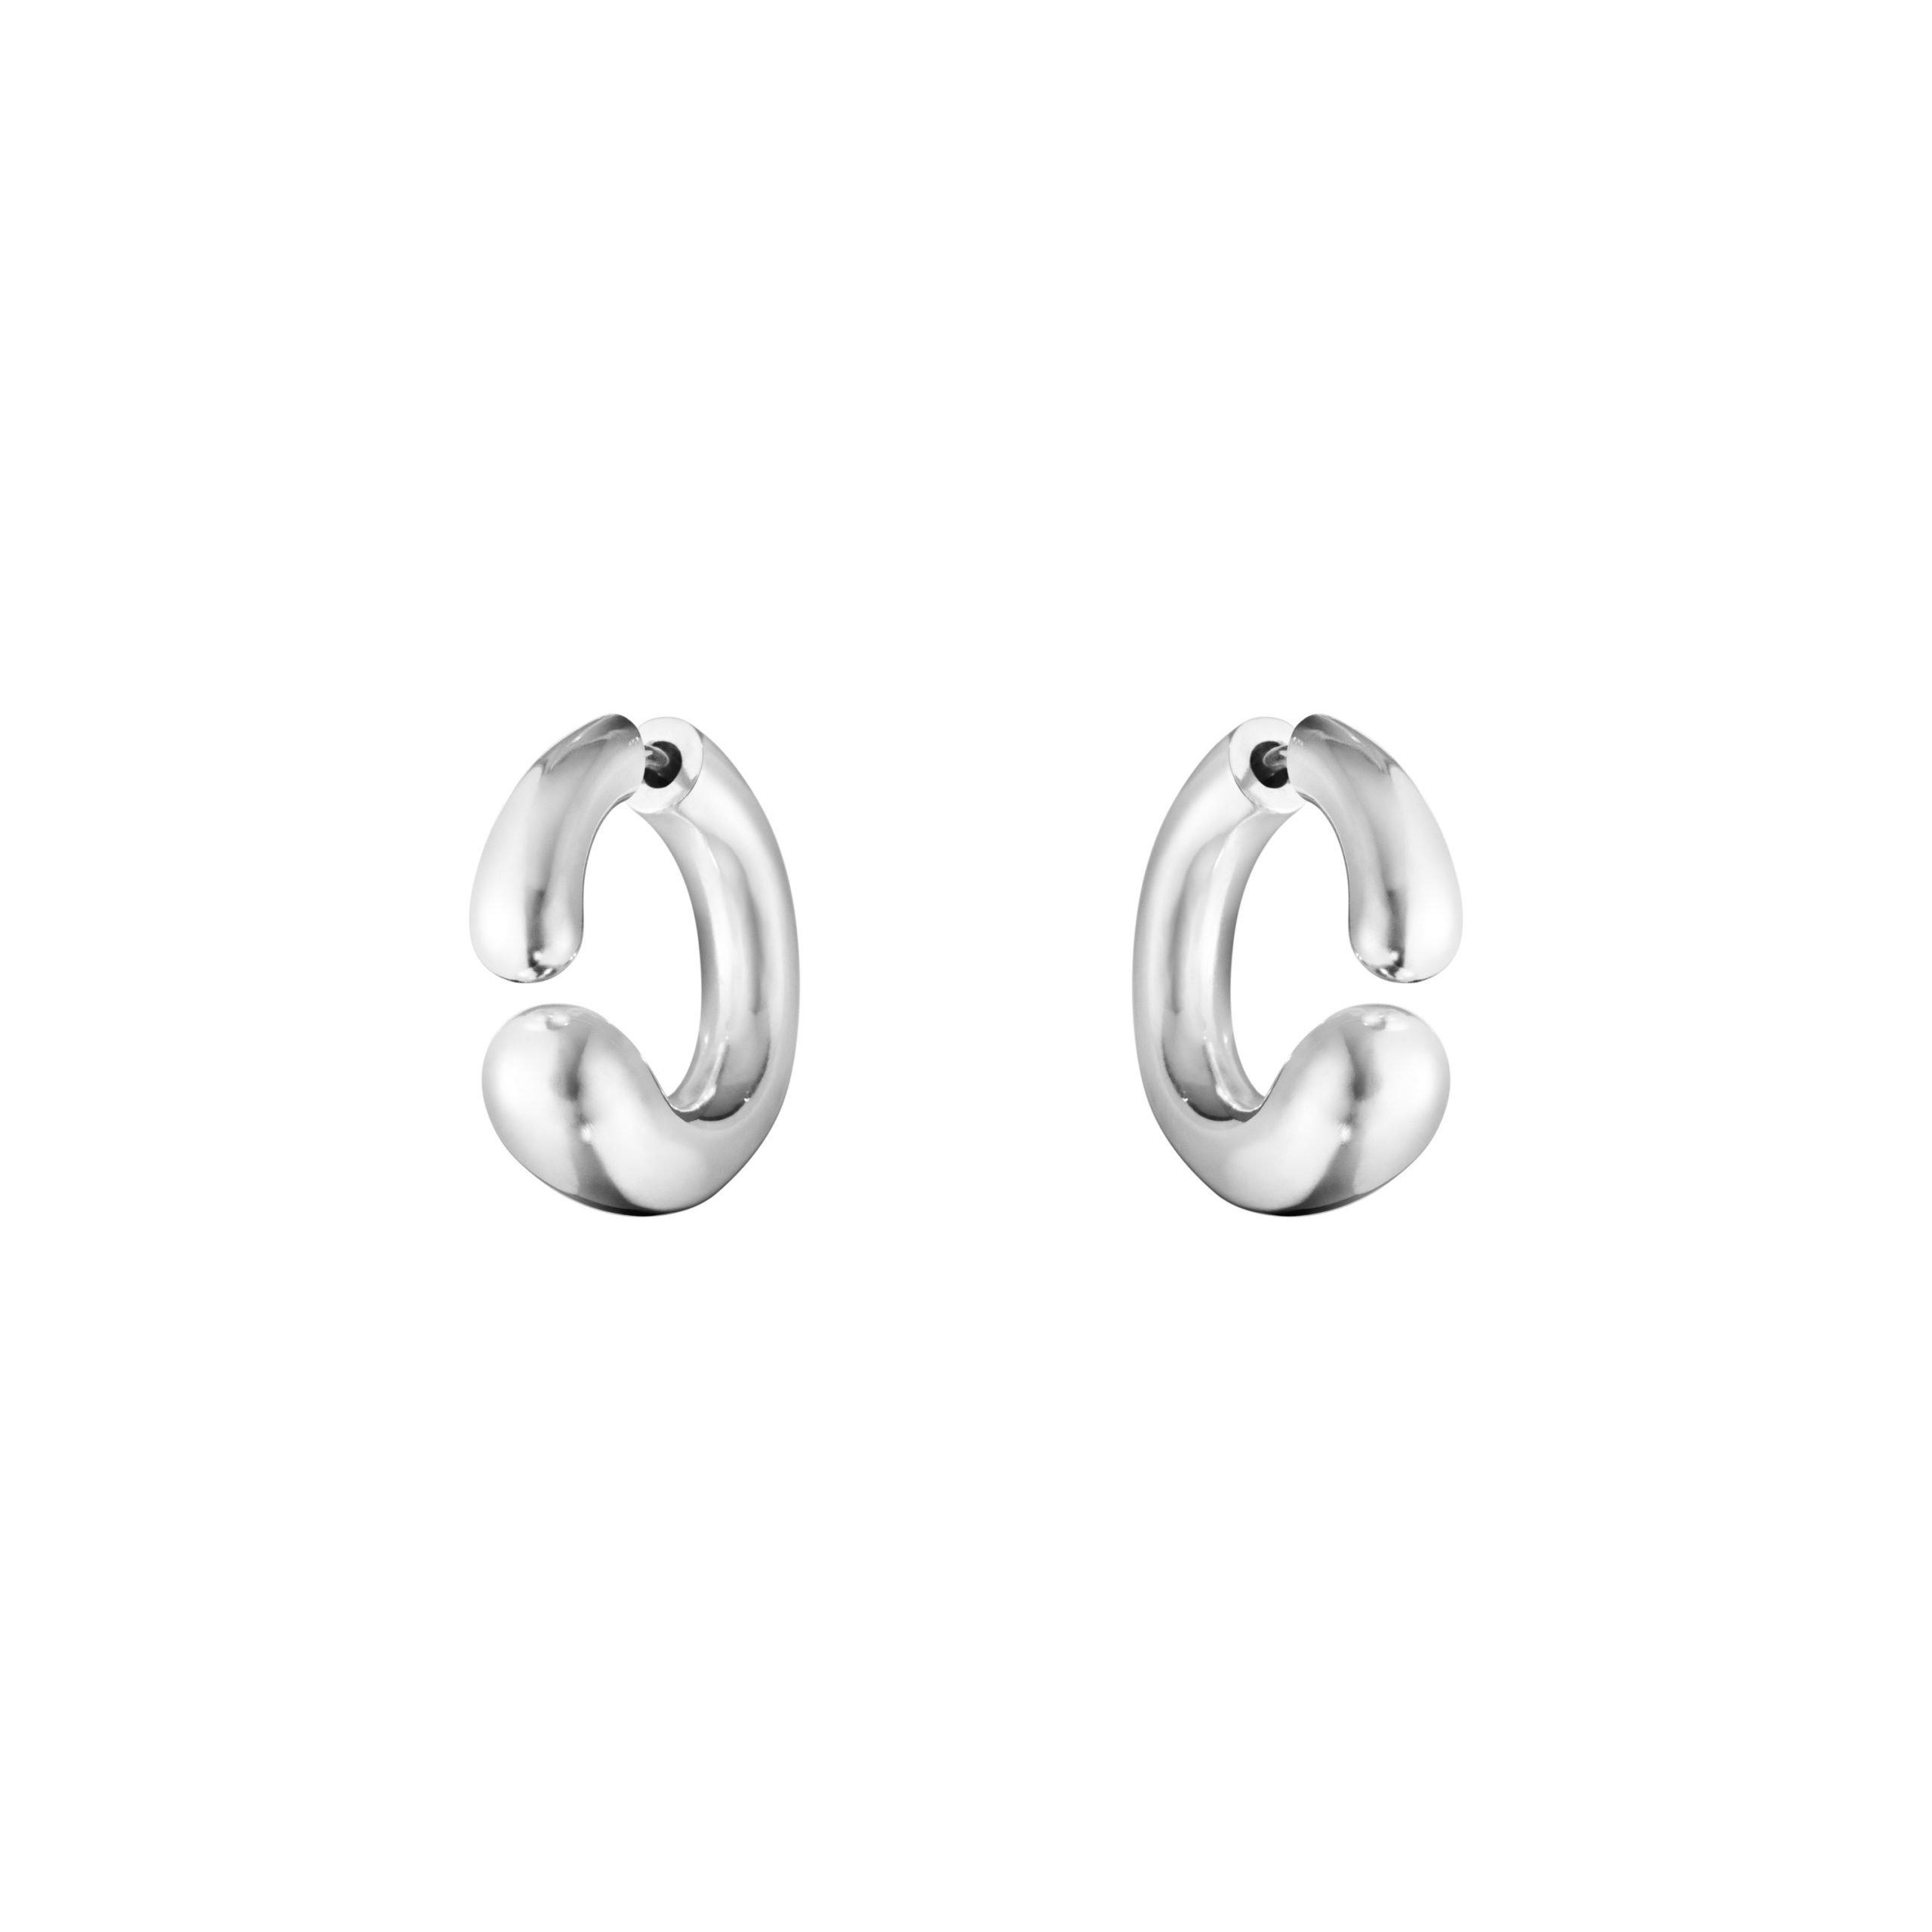 Georg Jensen Mercy Open Ear Hoop Earrings